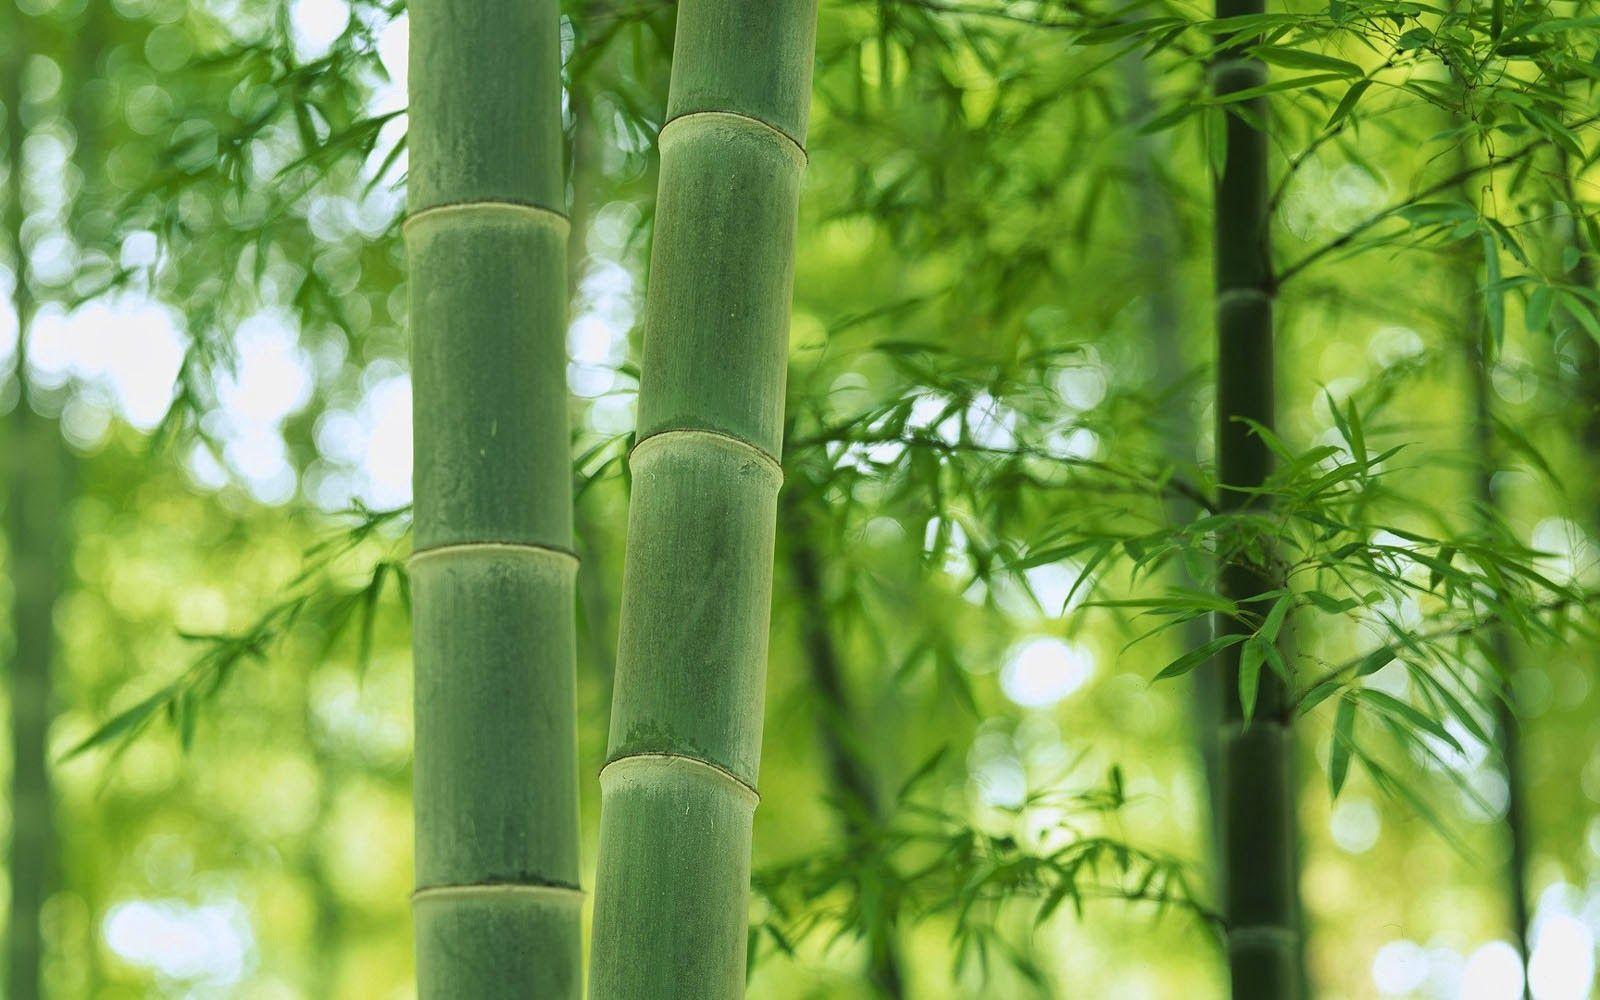 подобрать его картинки бамбук для телефона вот пространства для